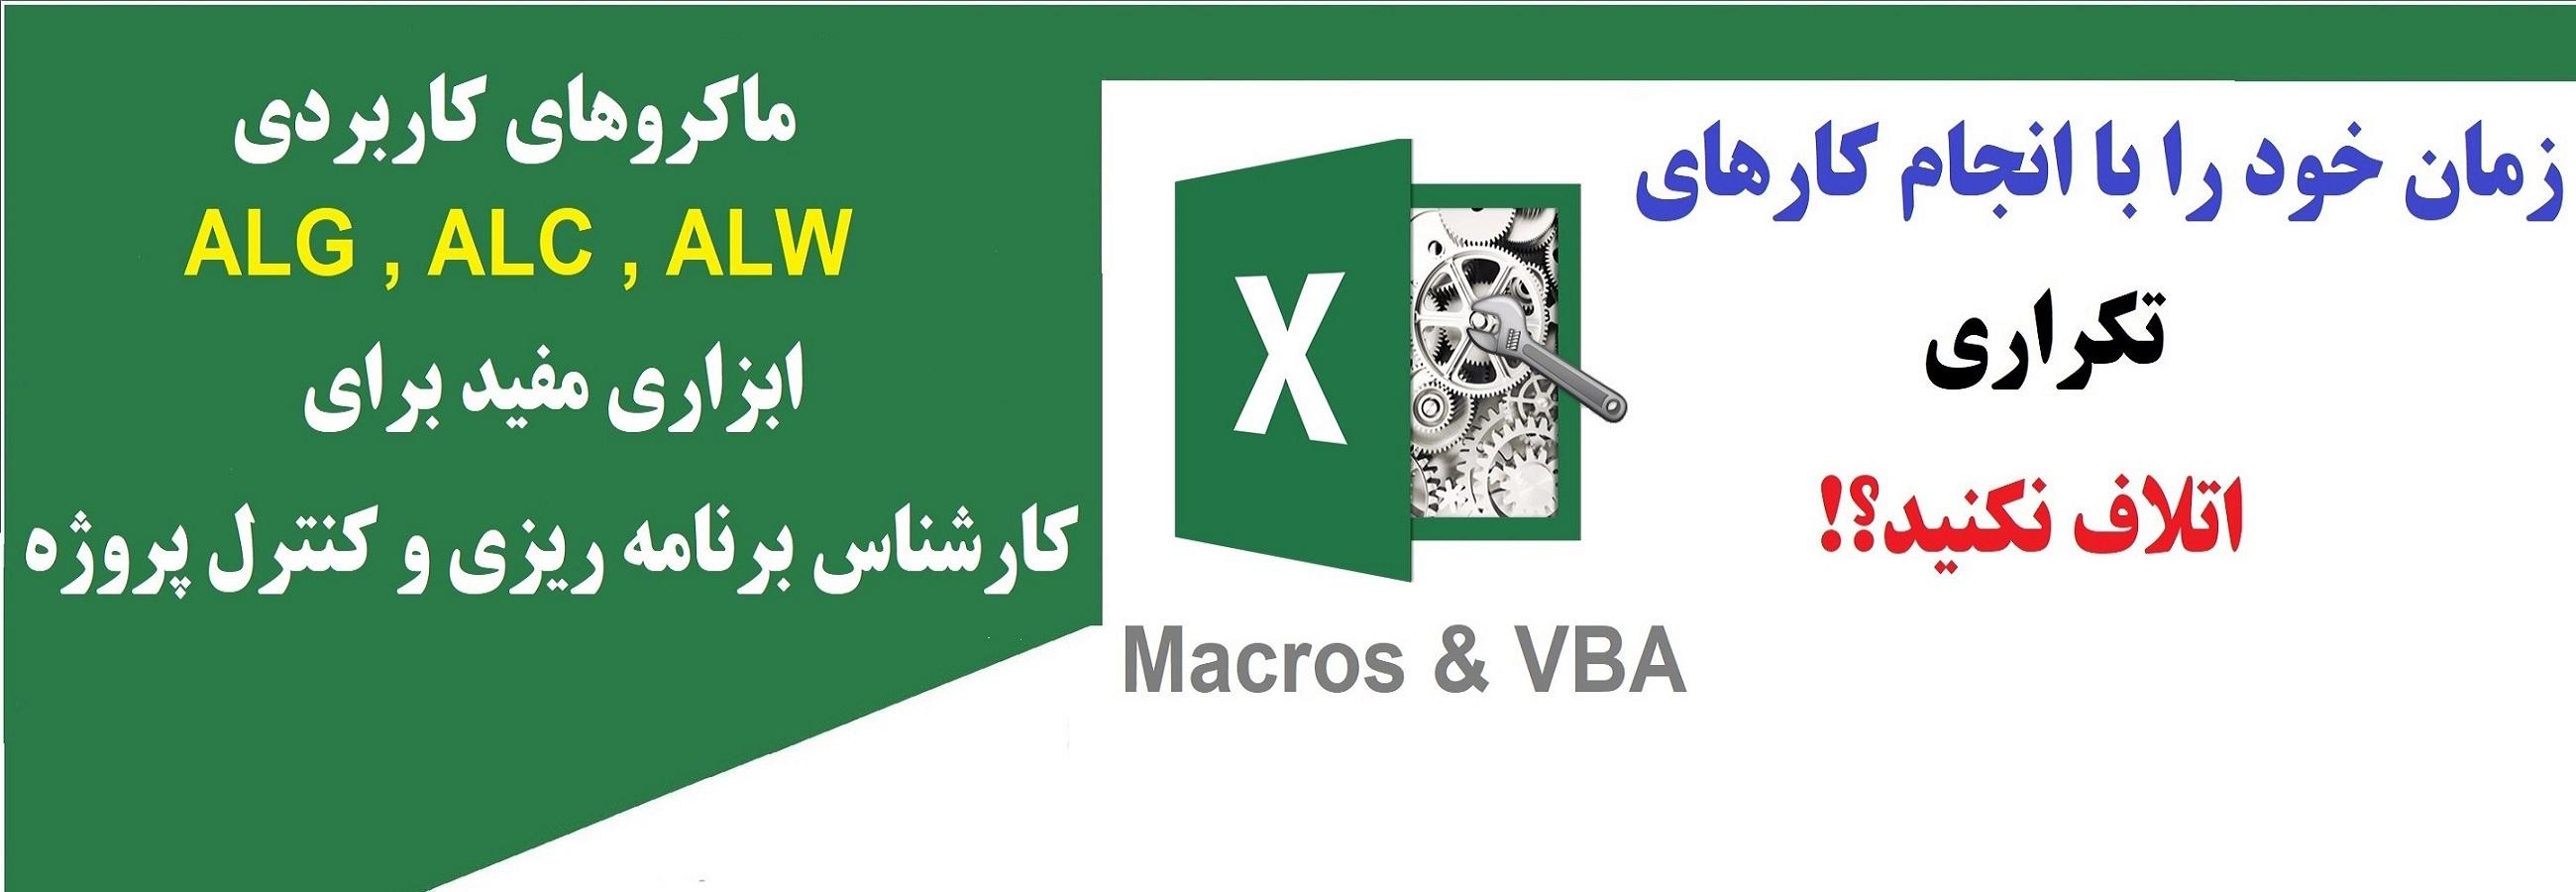 macro-in-excel-04